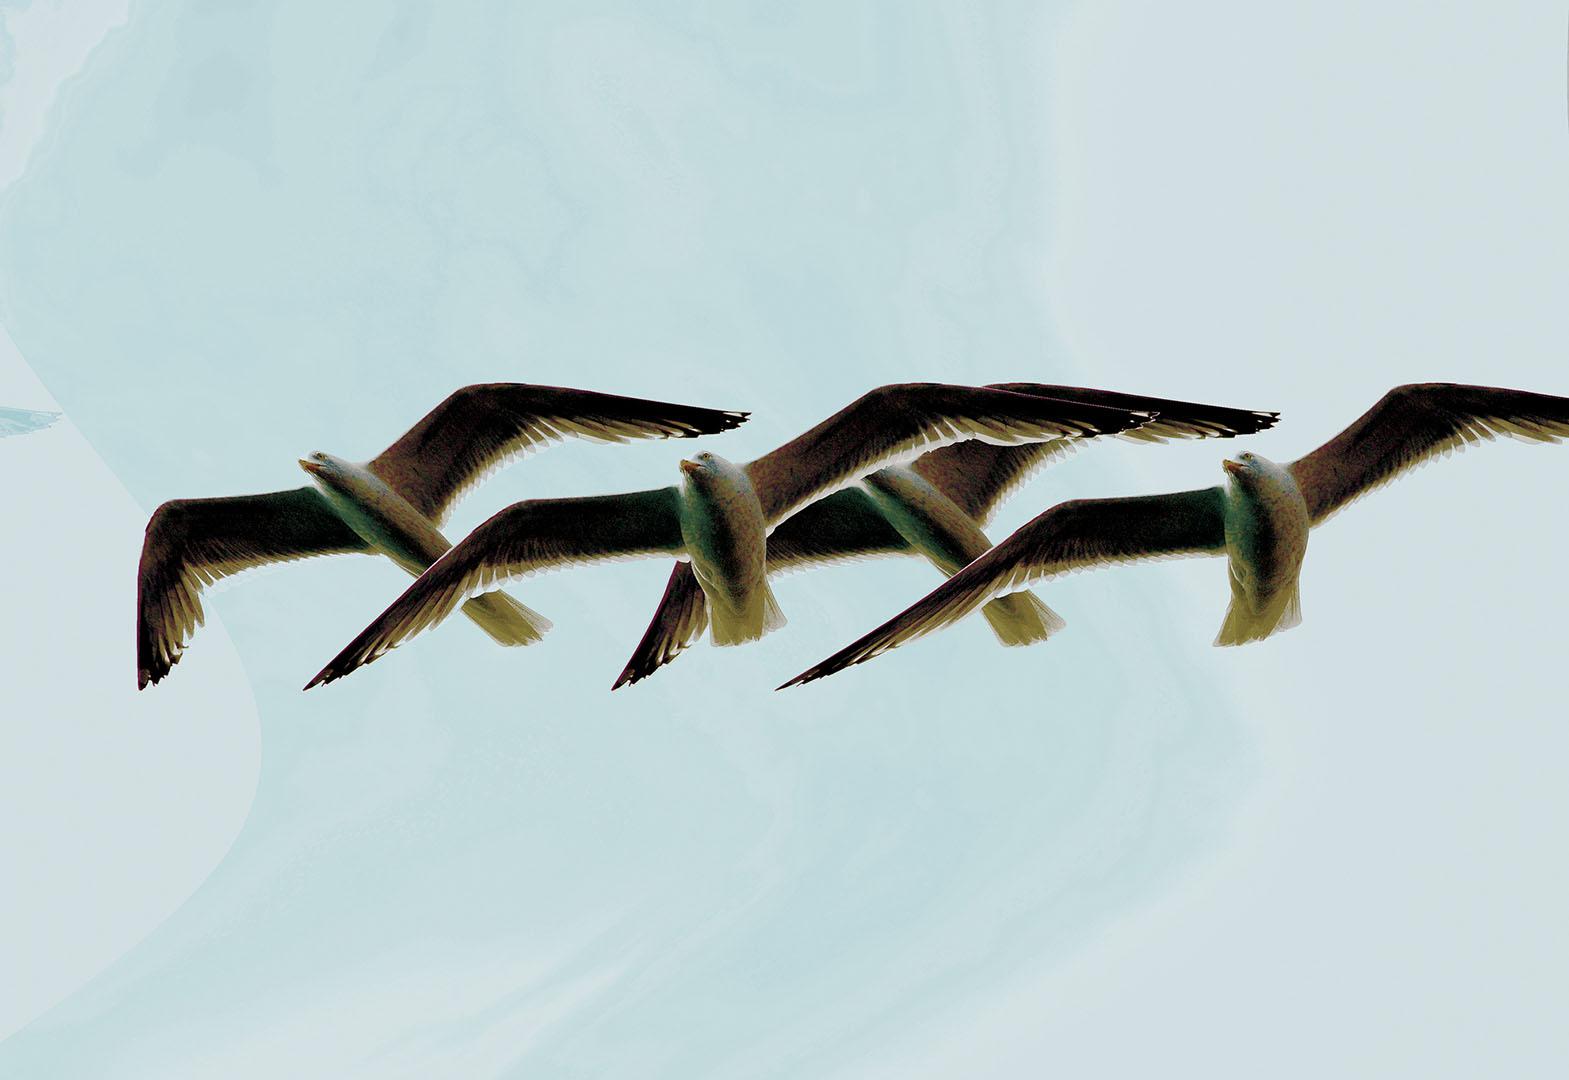 Birds_021_N12.2.85